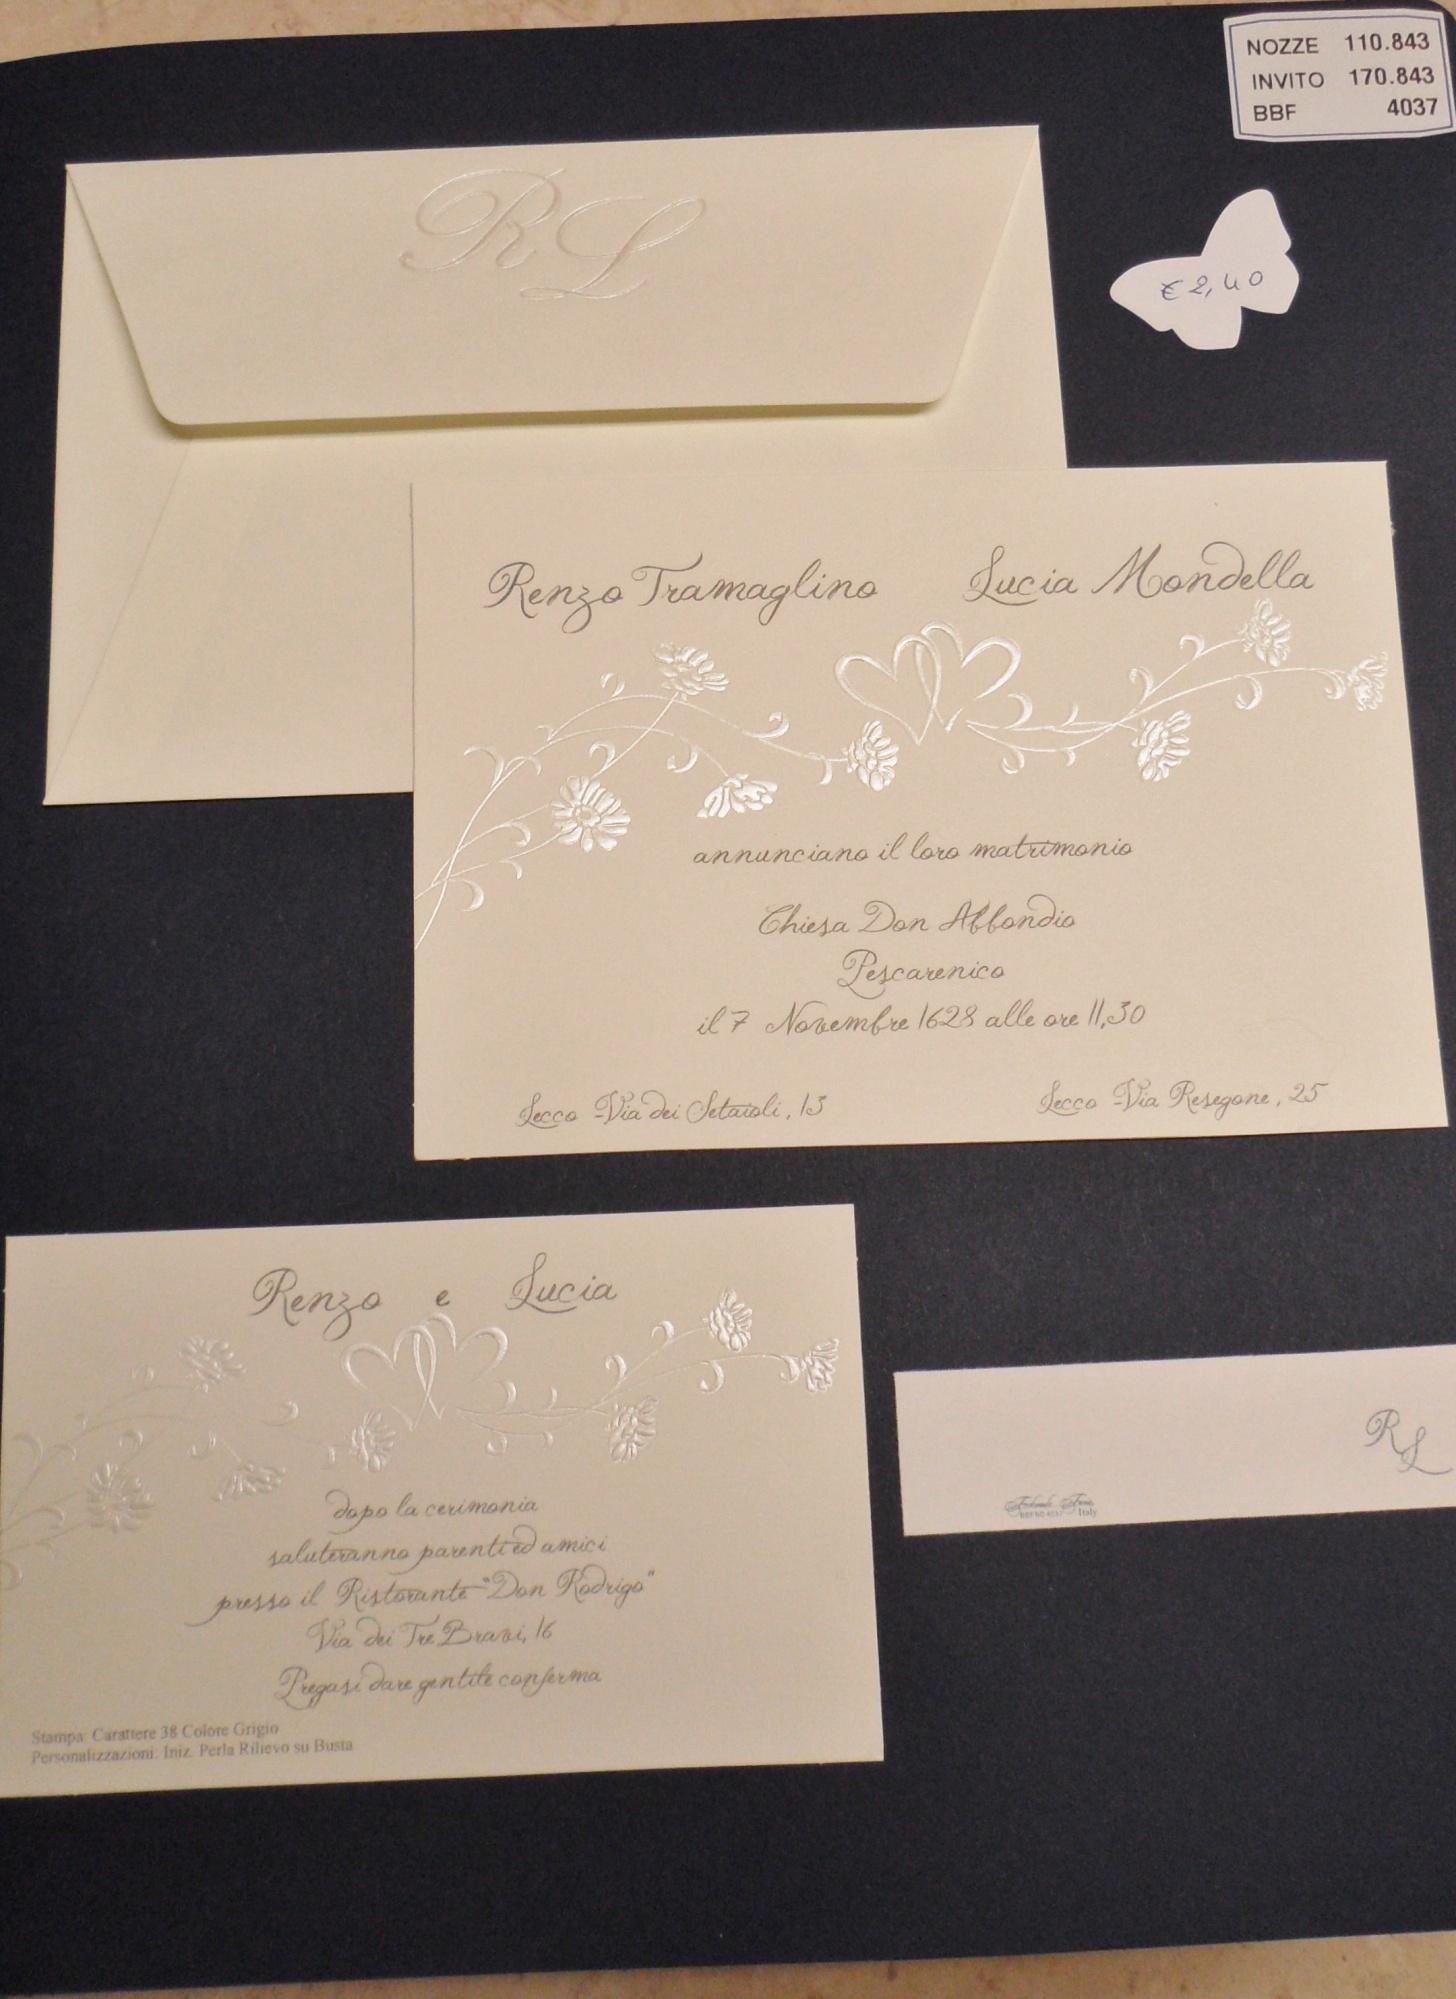 Partecipazioni Matrimonio Originali 2018.Partecipazioni Nozze Lux 2018 Originali Eleganti Spiritose